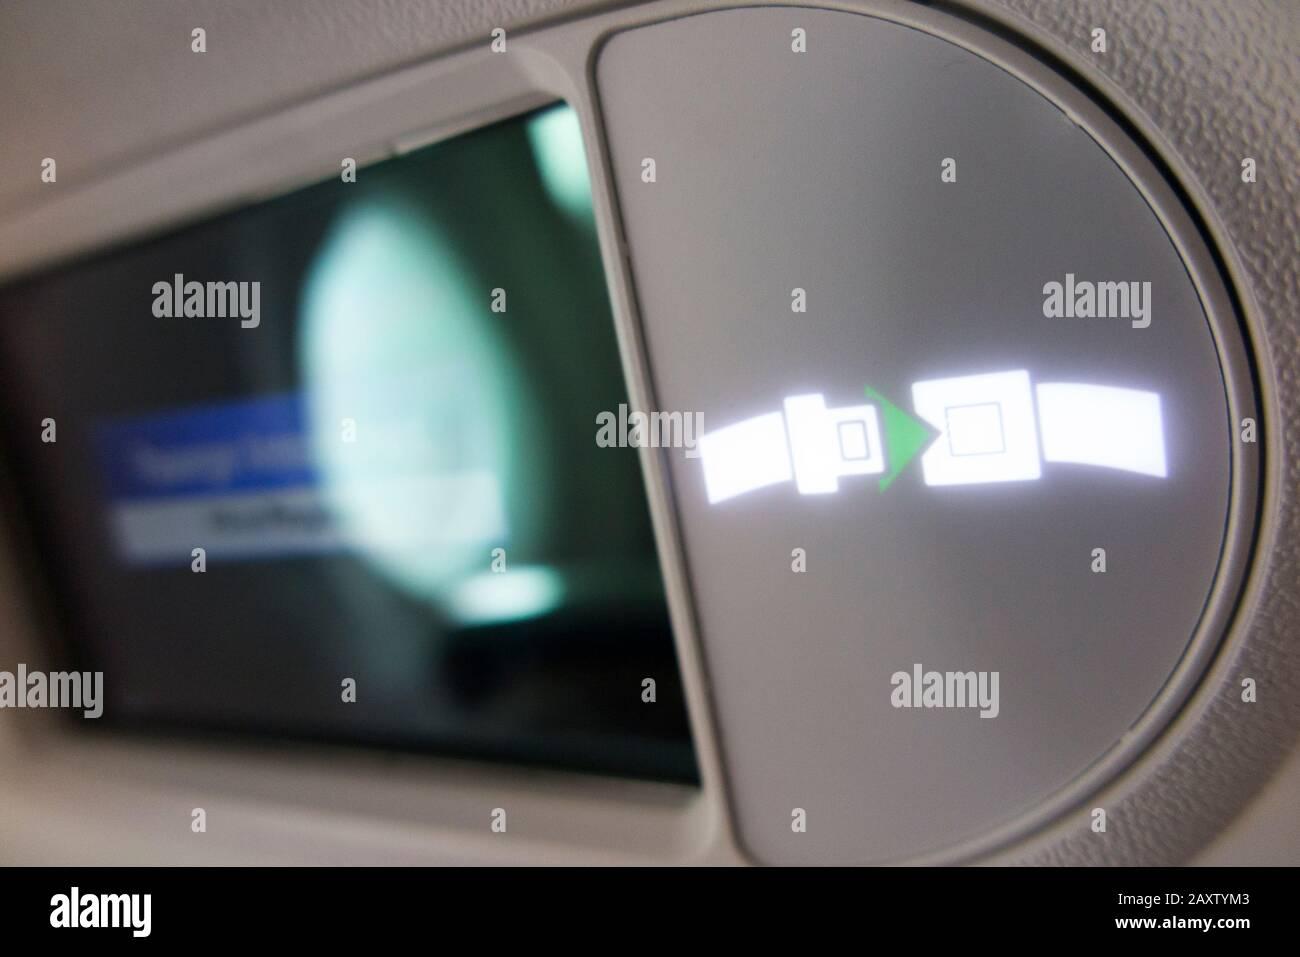 Le plafonnier « ceinture de sécurité / ceinture de sécurité » de l'avion s'allume et s'allume pendant le vol dans un avion Bombardier / avion d'avion. (112) Banque D'Images